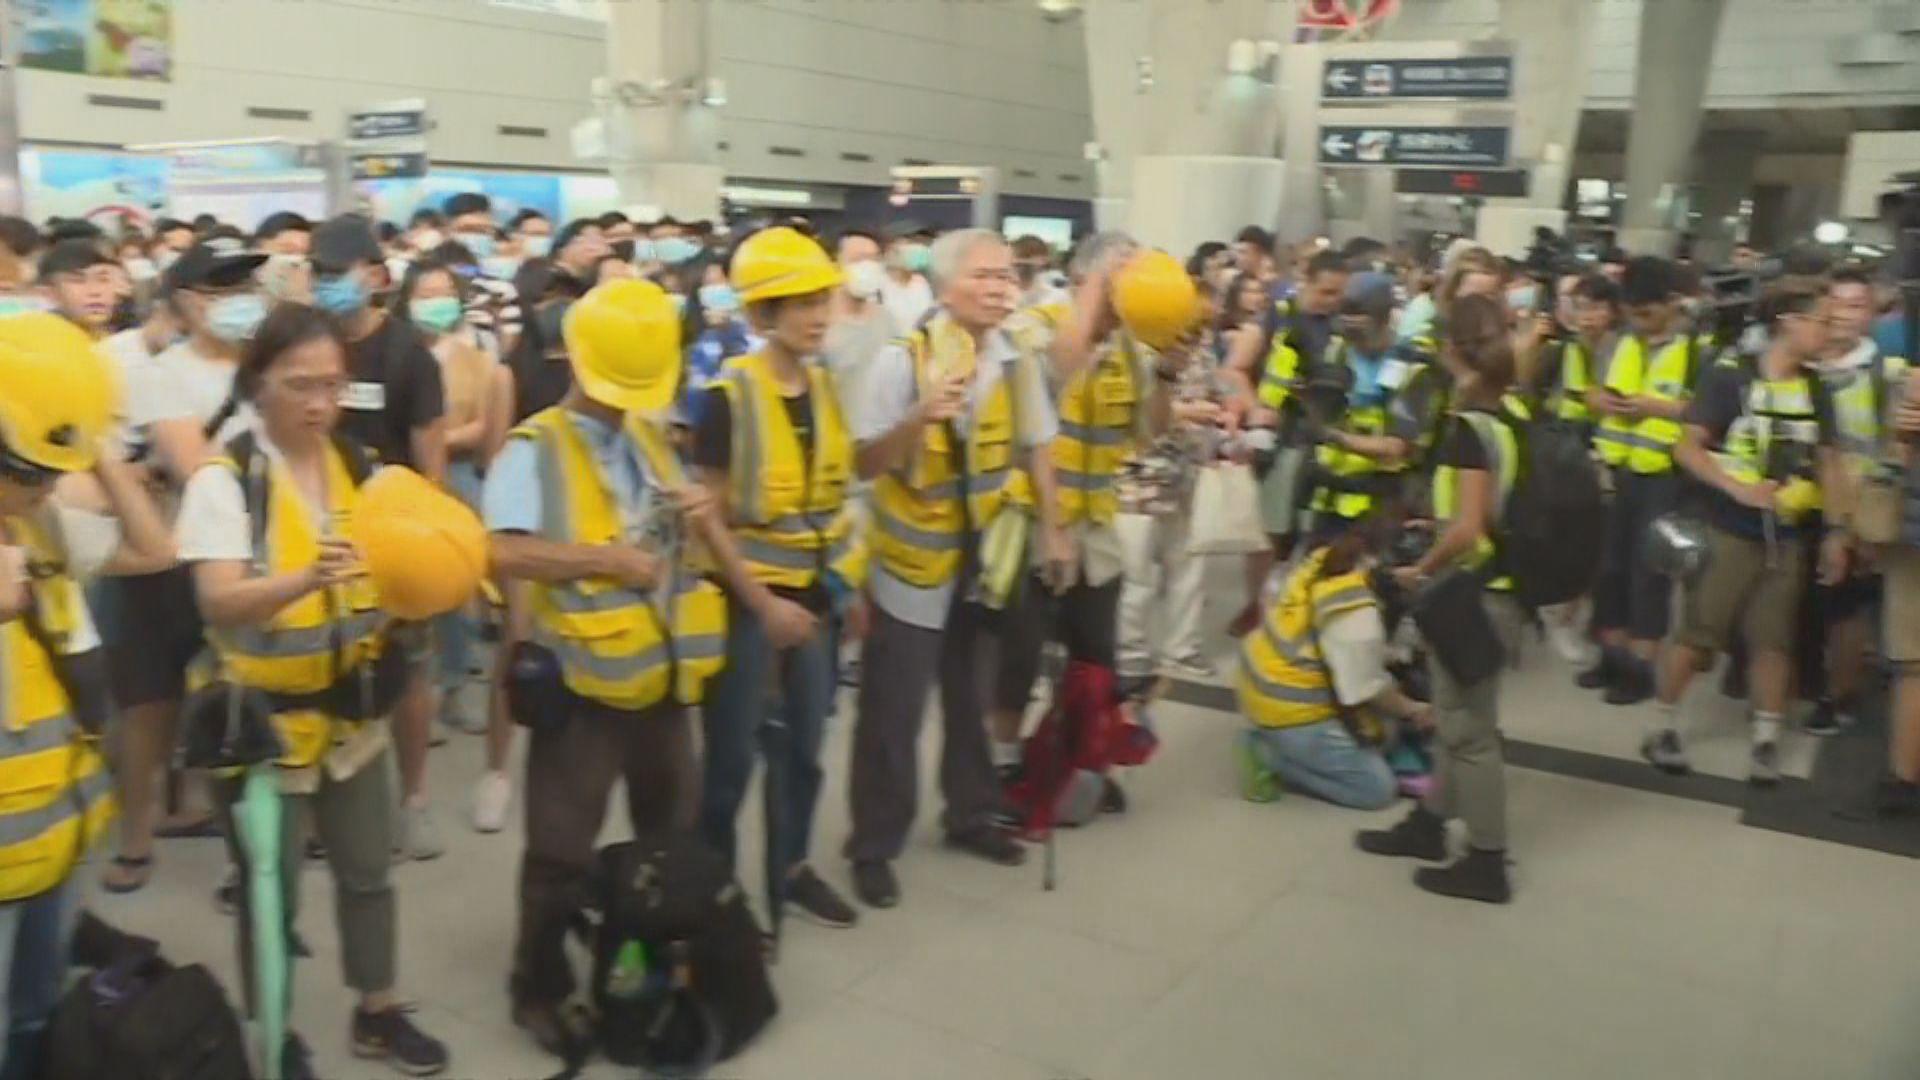 港鐵東涌站有人聚集 防暴警察戒備